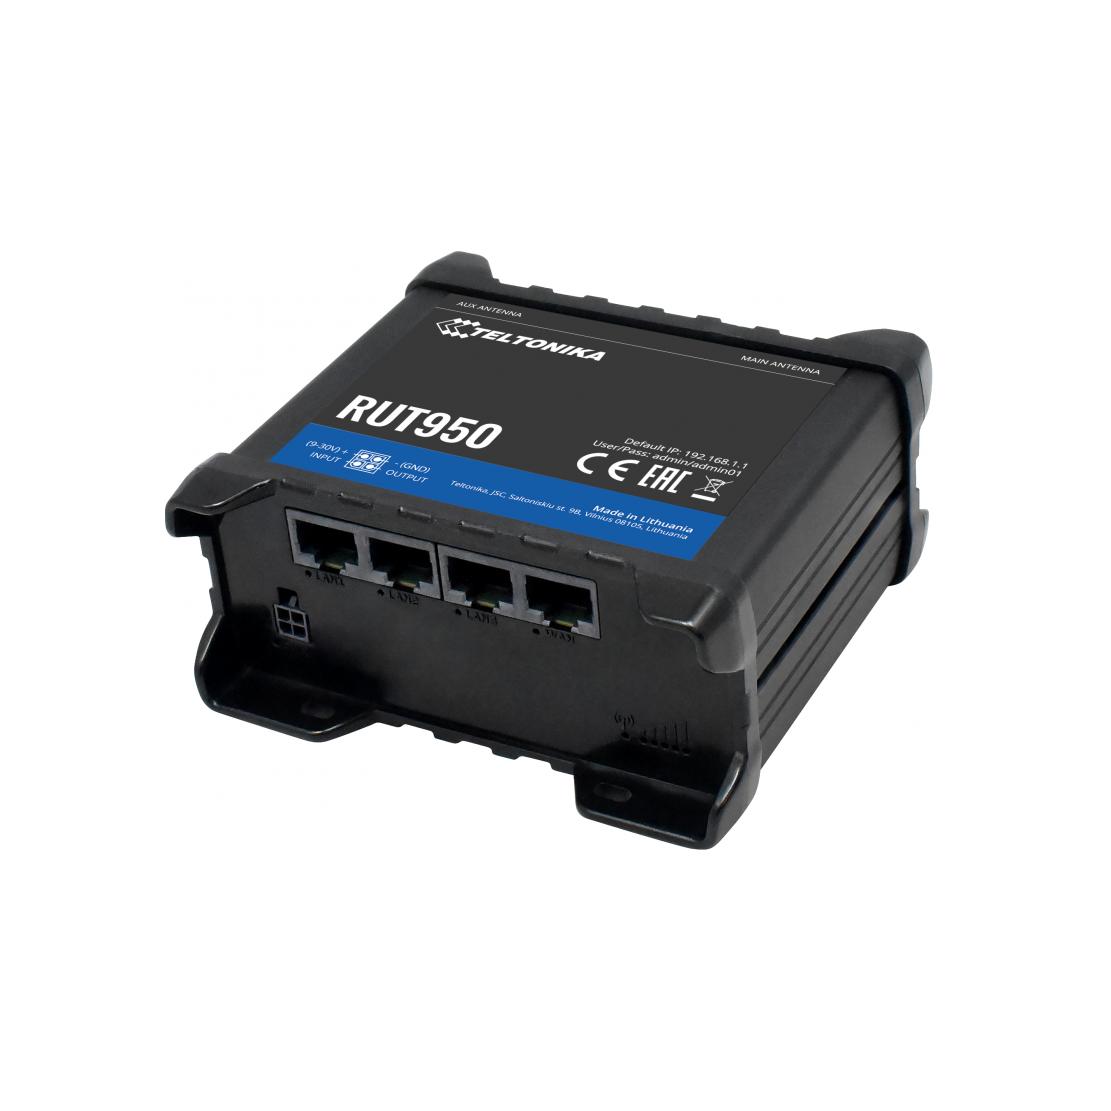 Teltonika Router LTE RUT 950I